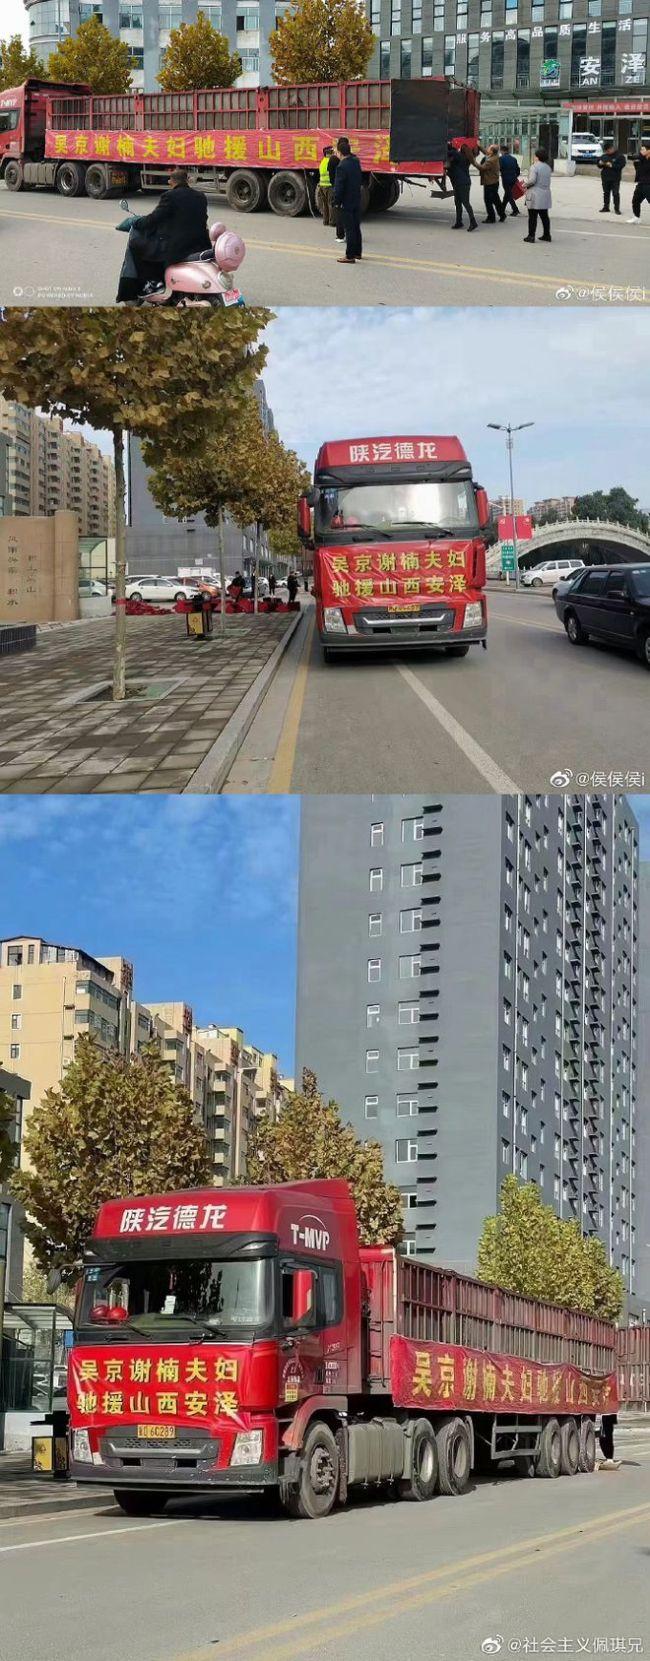 吴京谢楠为山西捐赠20台玉米烘干机和30台收割机